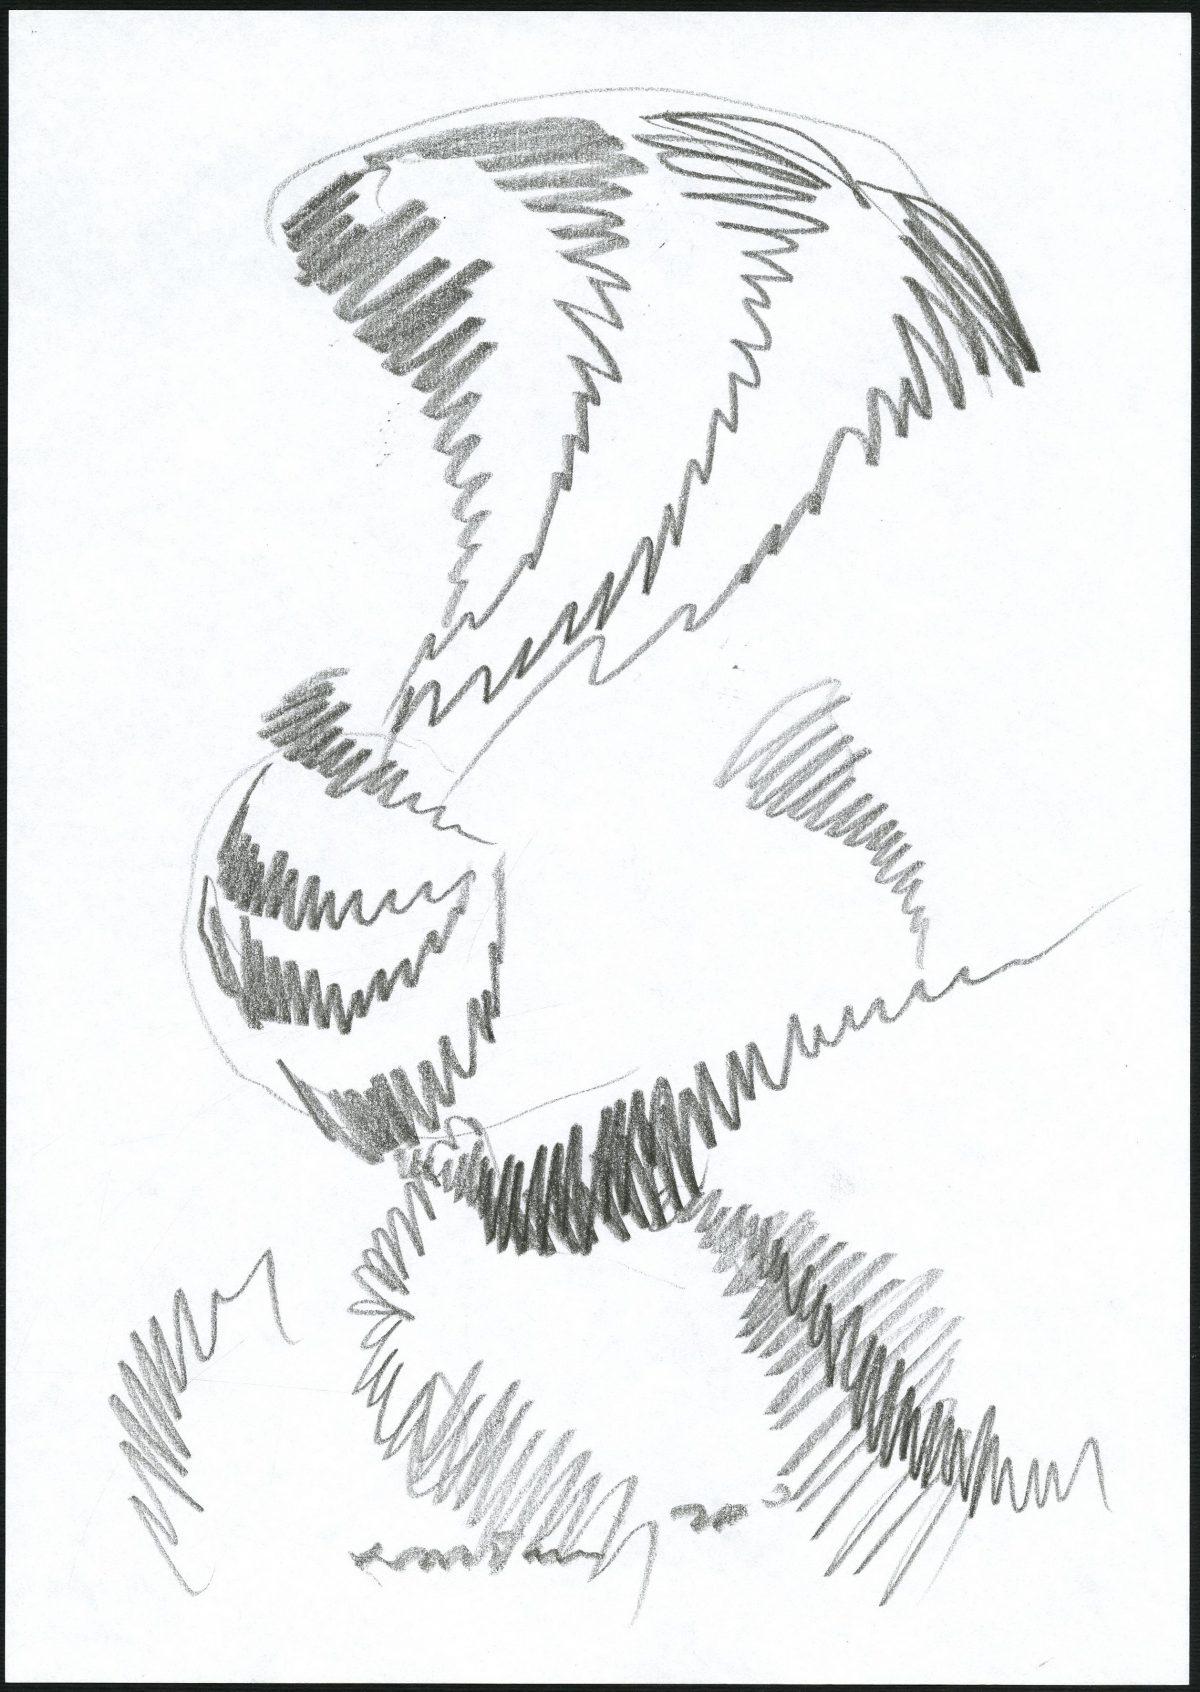 G26307(101)<br/> <b>Cím:</b> Végtelenbe vezető utak <br/> <b>Méret cm:</b> 29,8x21 <br/> <b>Készült:</b> 2007. <br/> <b>Technika:</b> ceruza<br/>